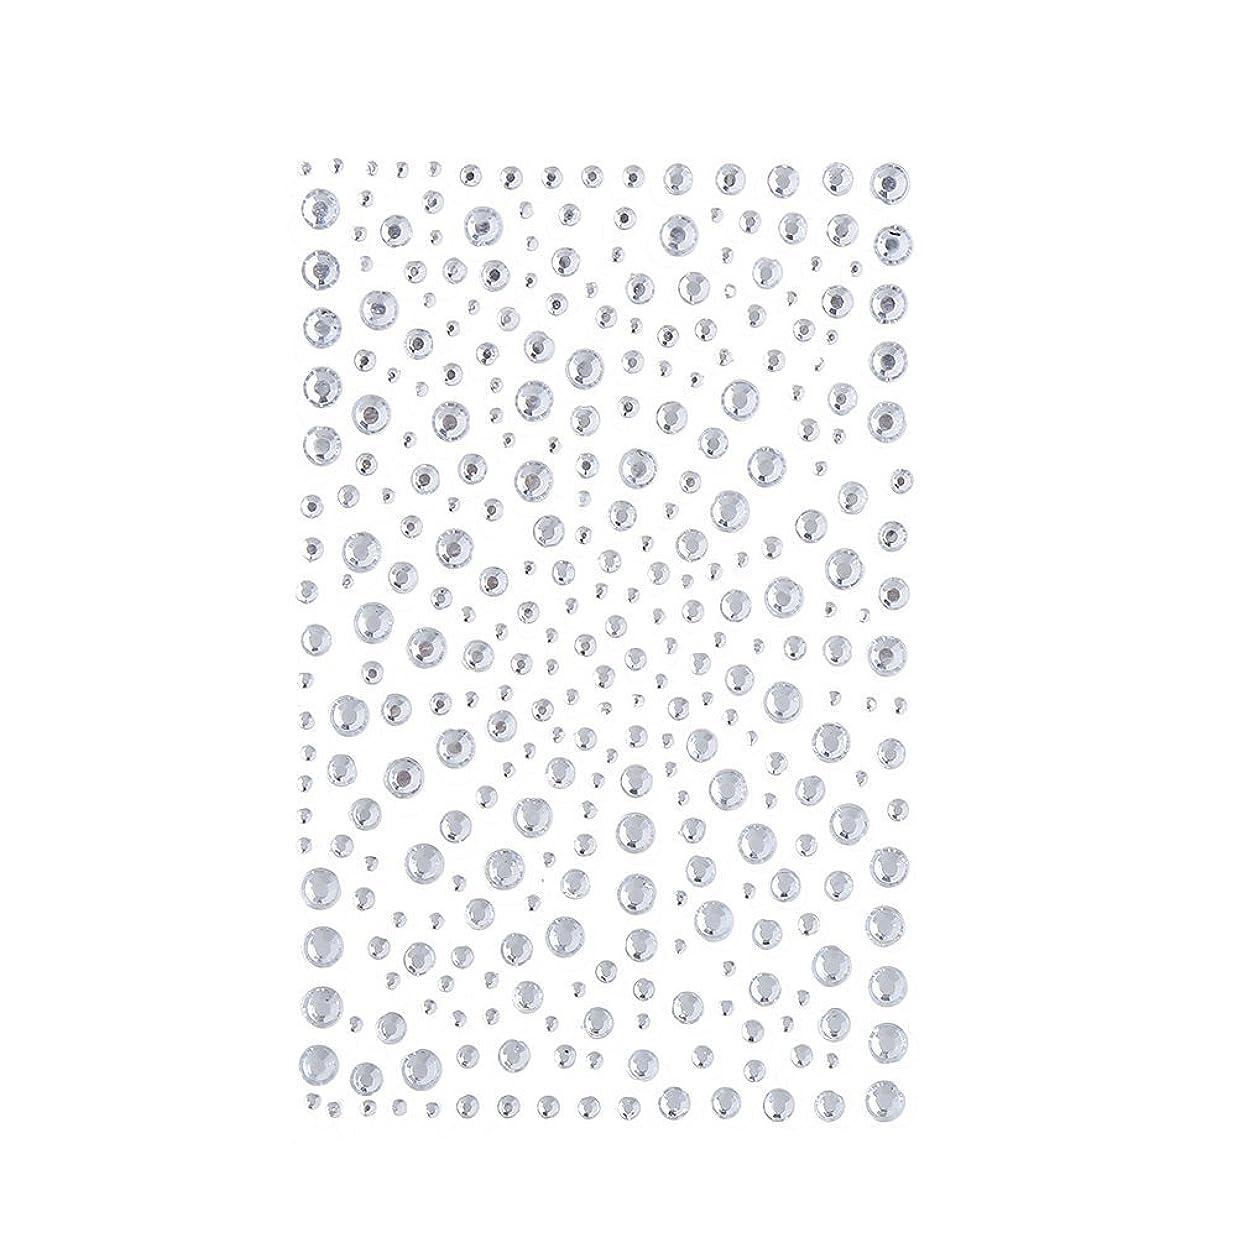 決して薄いです角度ラインストーン 人工ダイヤモンド スワロフスキー ホットフィックス 325粒 (白)